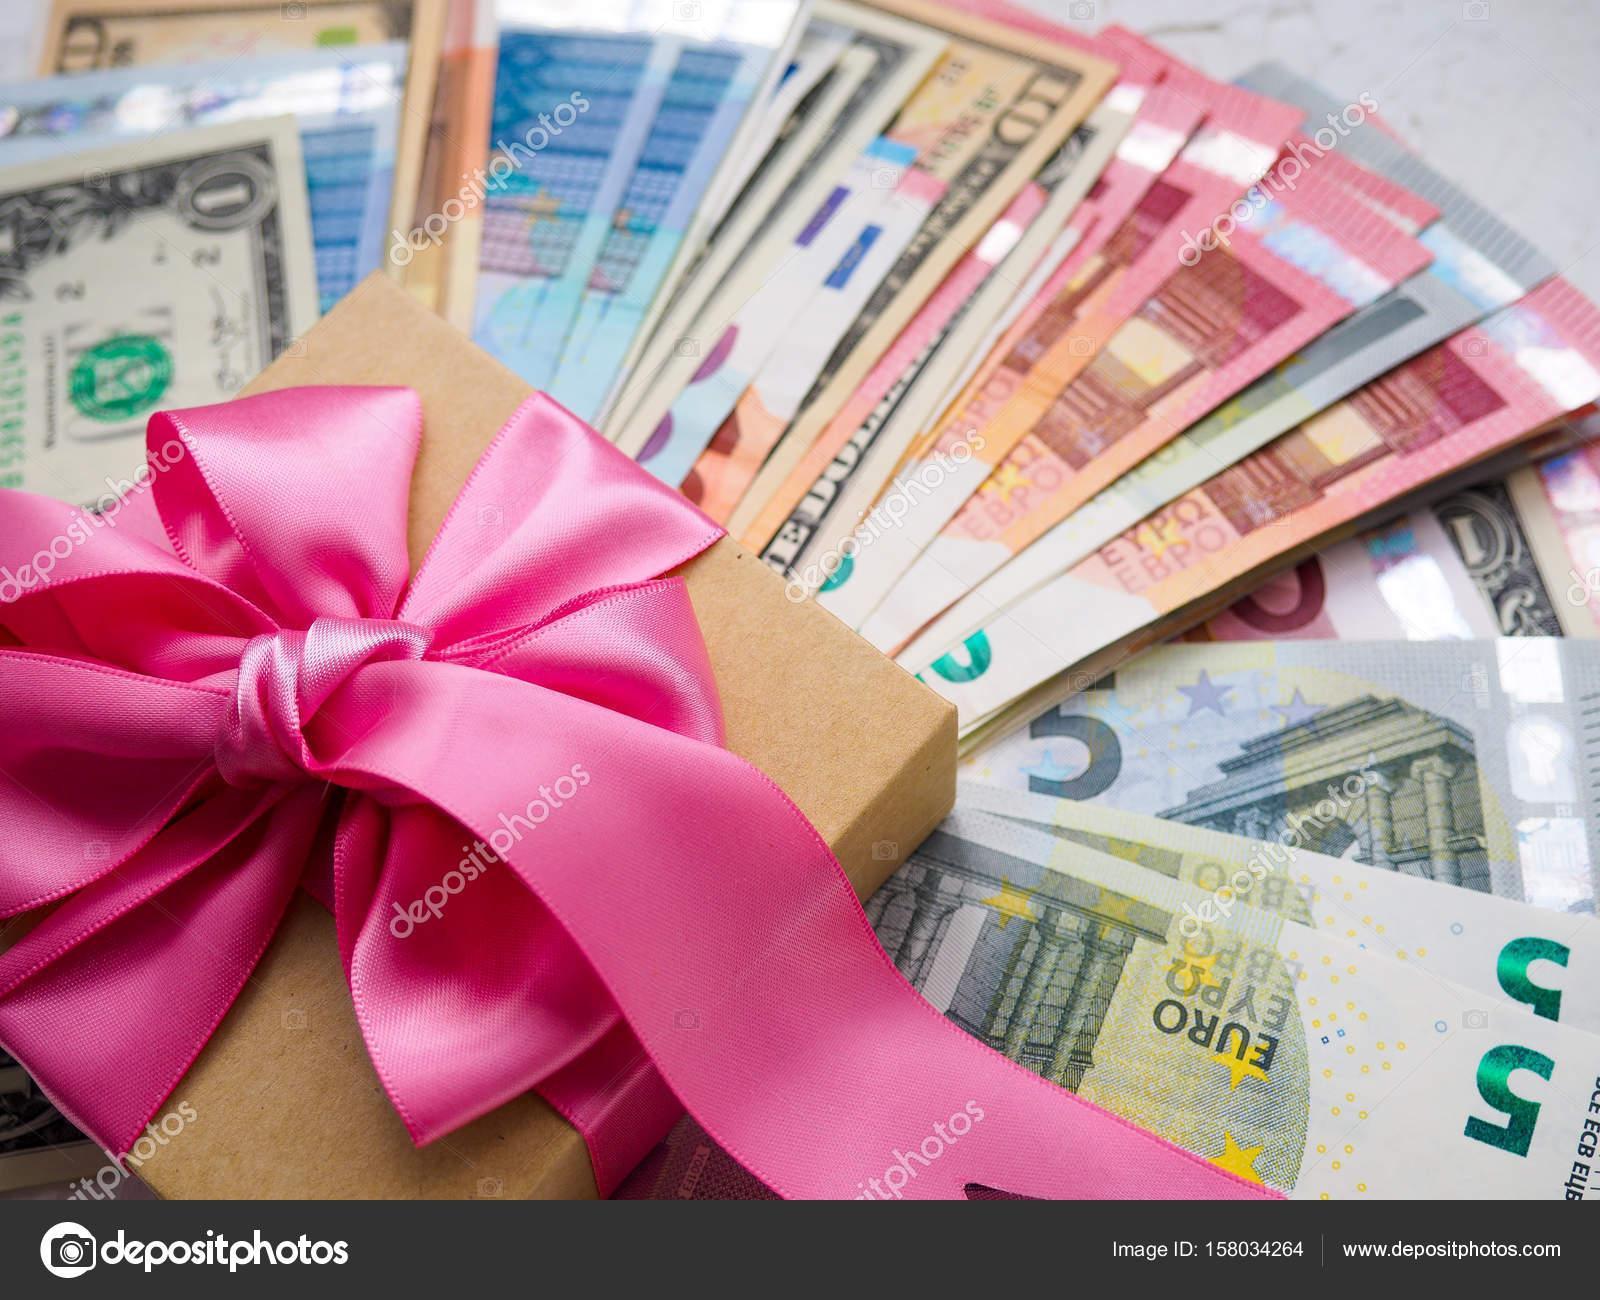 Asociación cristiana ofrece préstamo de dinero